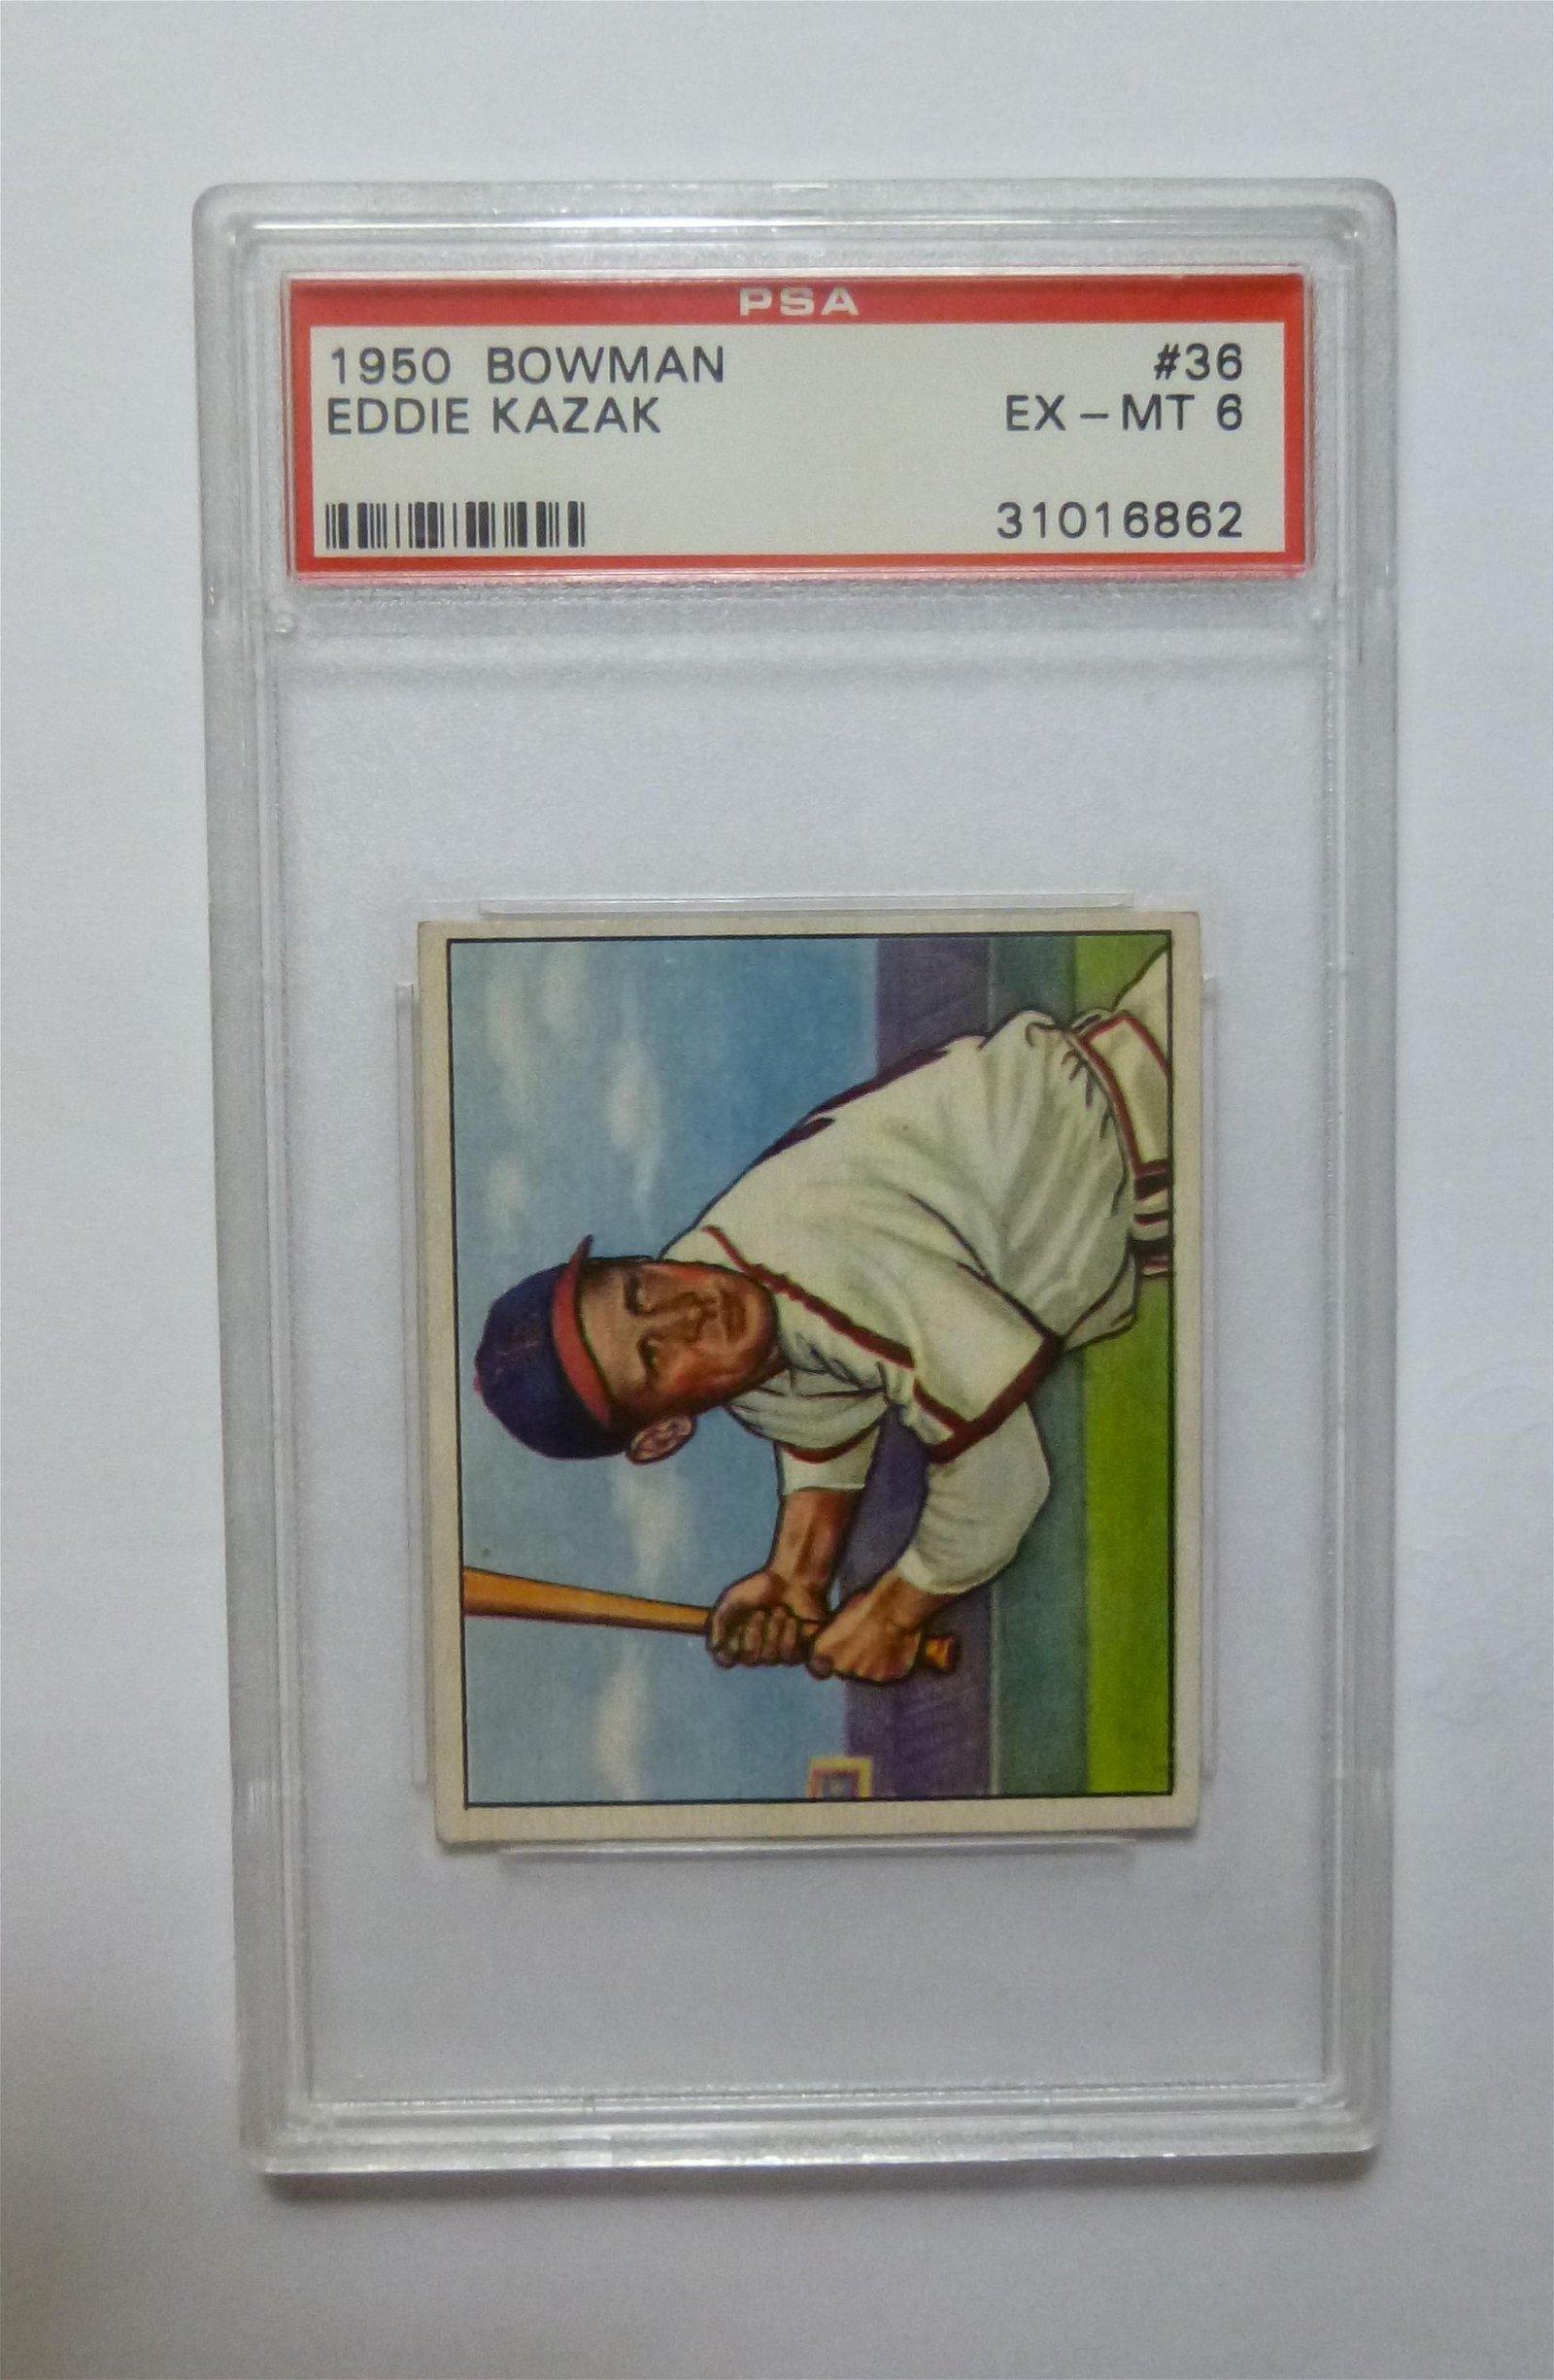 1950 Bowman #36 Eddie Kazak PSA 6